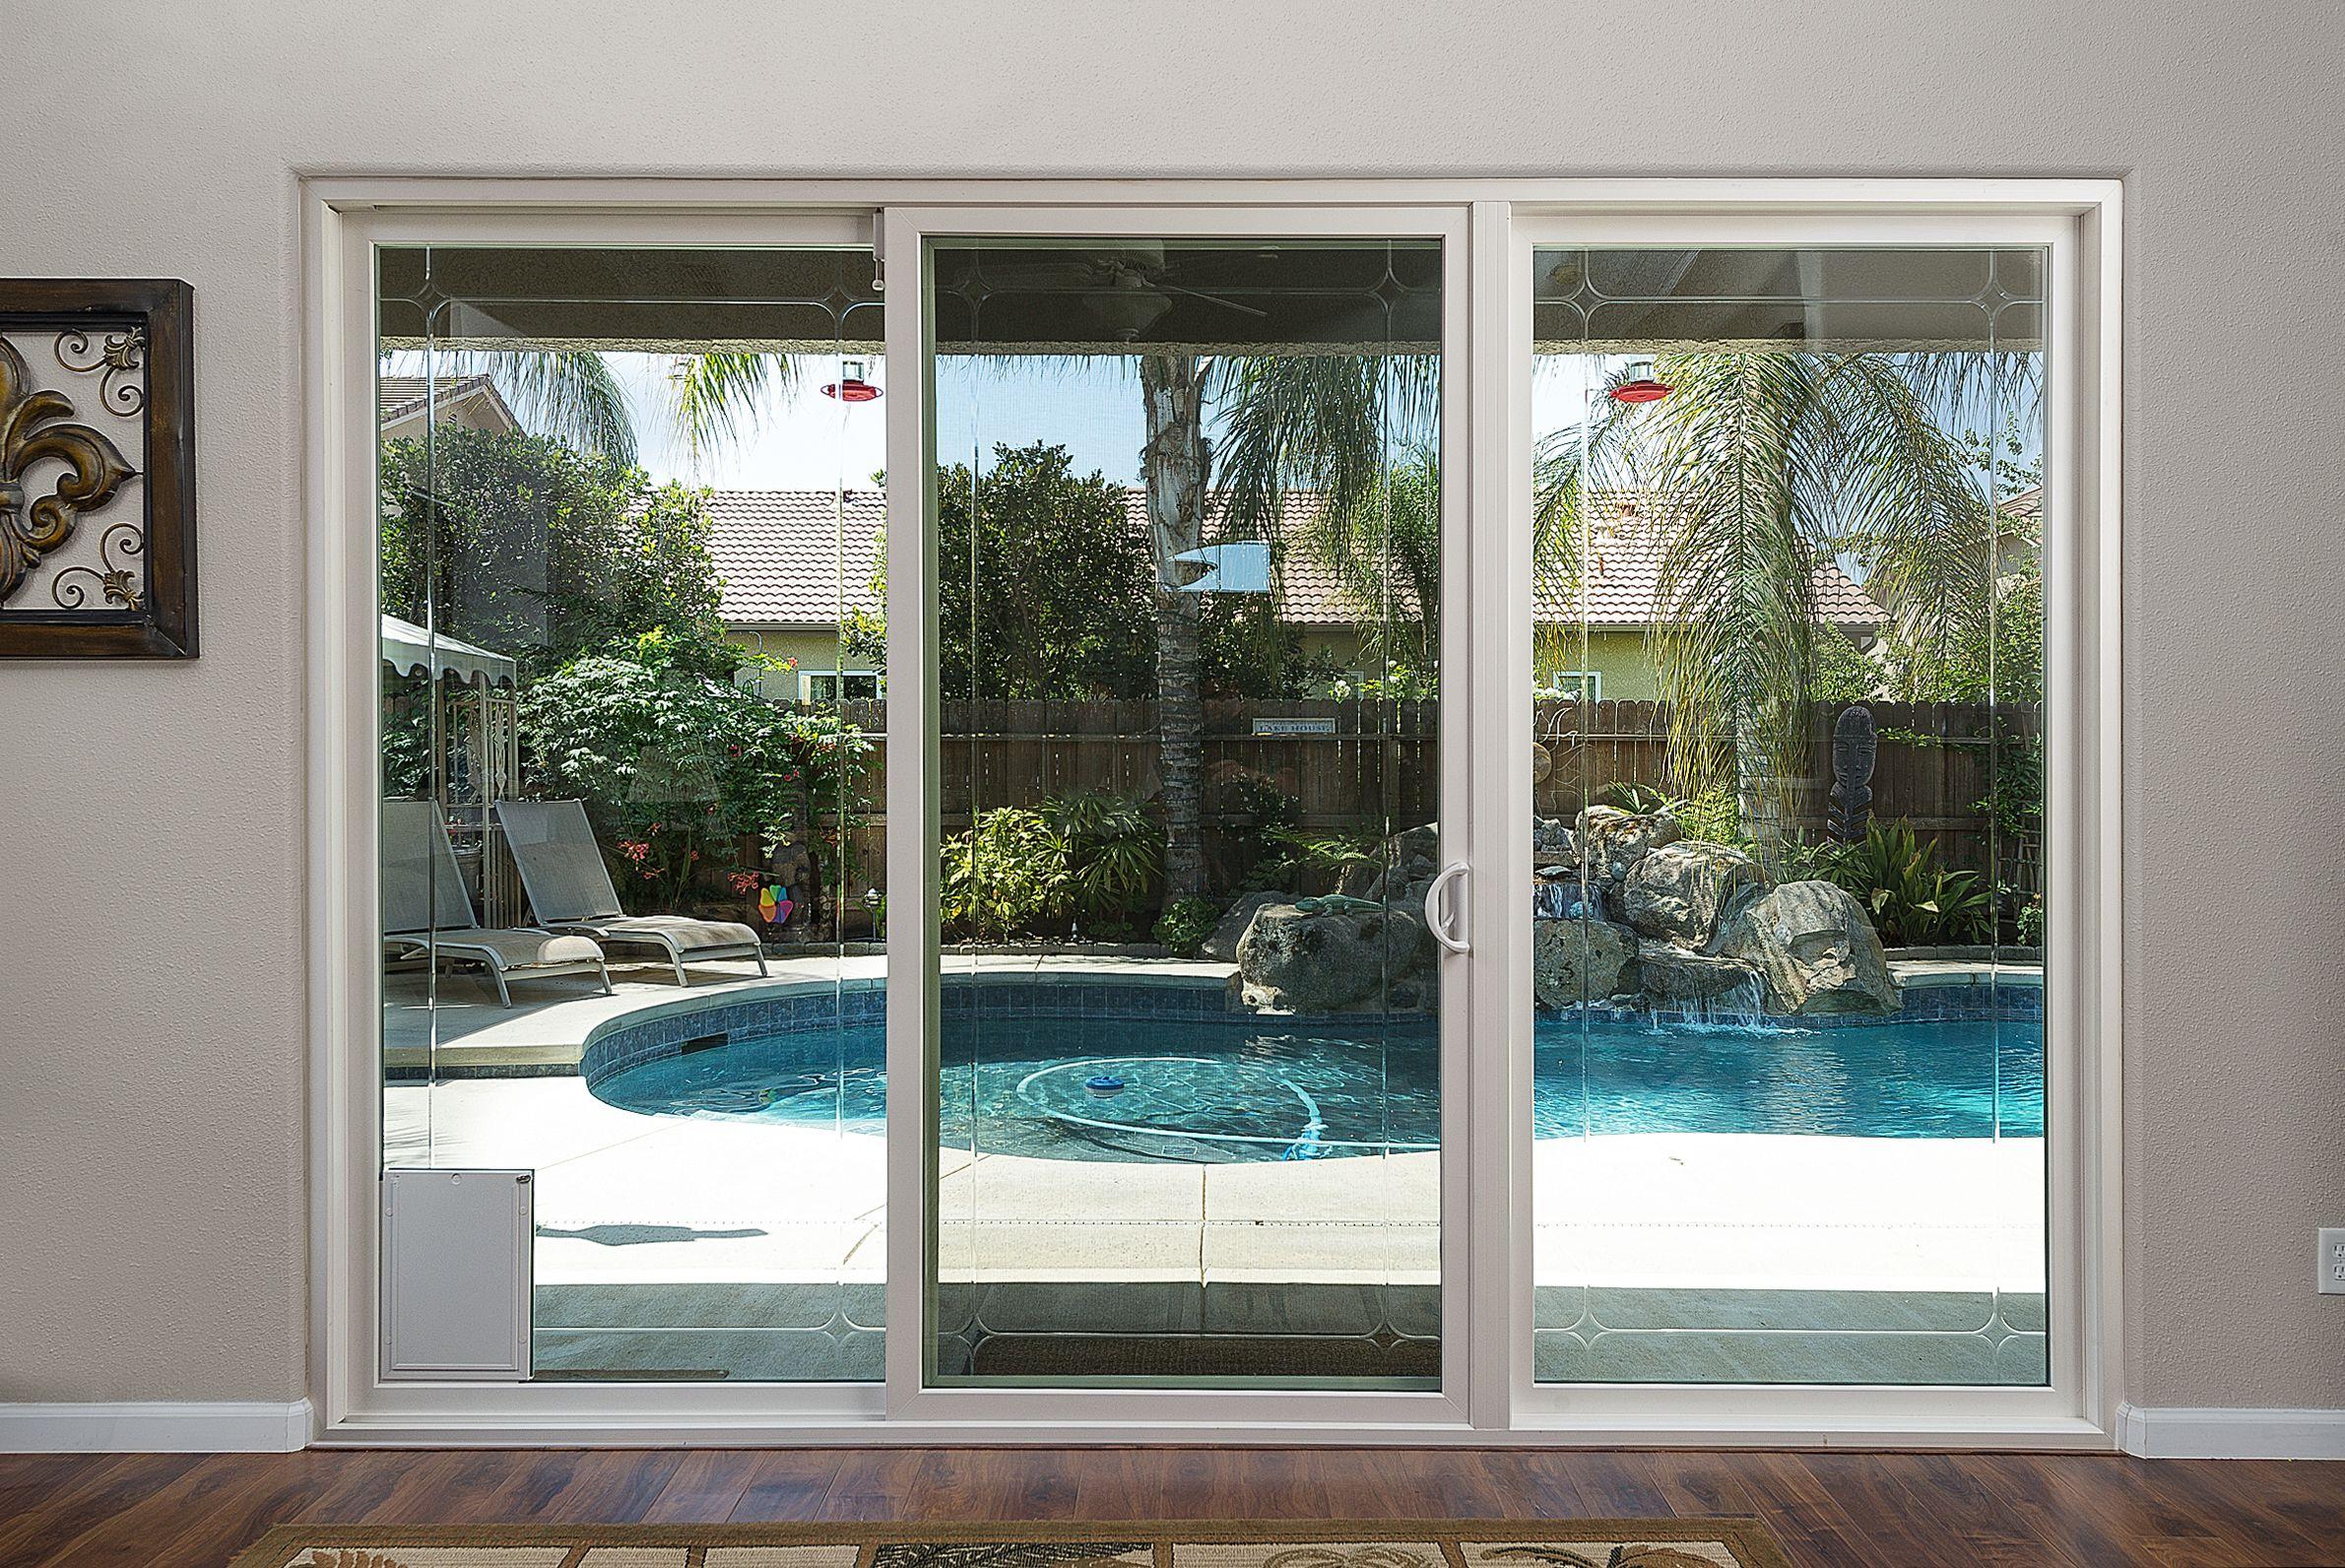 Beautiful View Out Of An Anlin Patio Sliding Door With Freedom Pet Door Option Patio Doors Patio Beautiful Doors